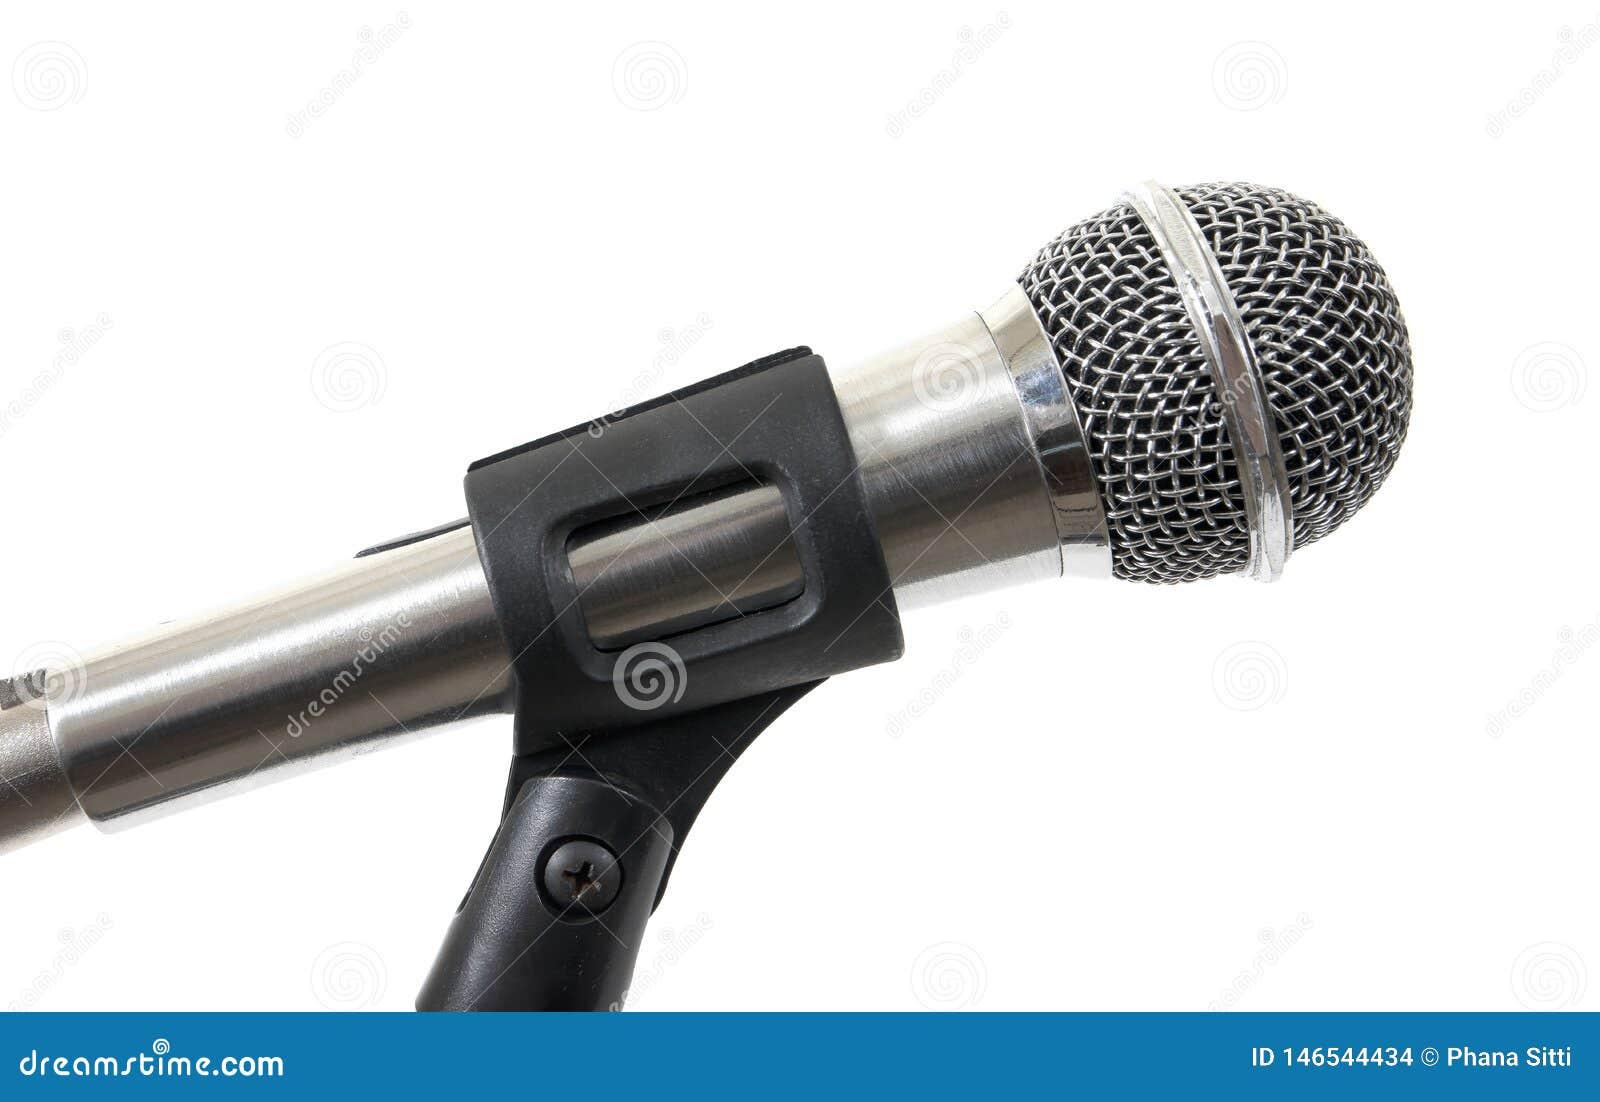 Microfono d argento isolato su fondo bianco Microfono isolato